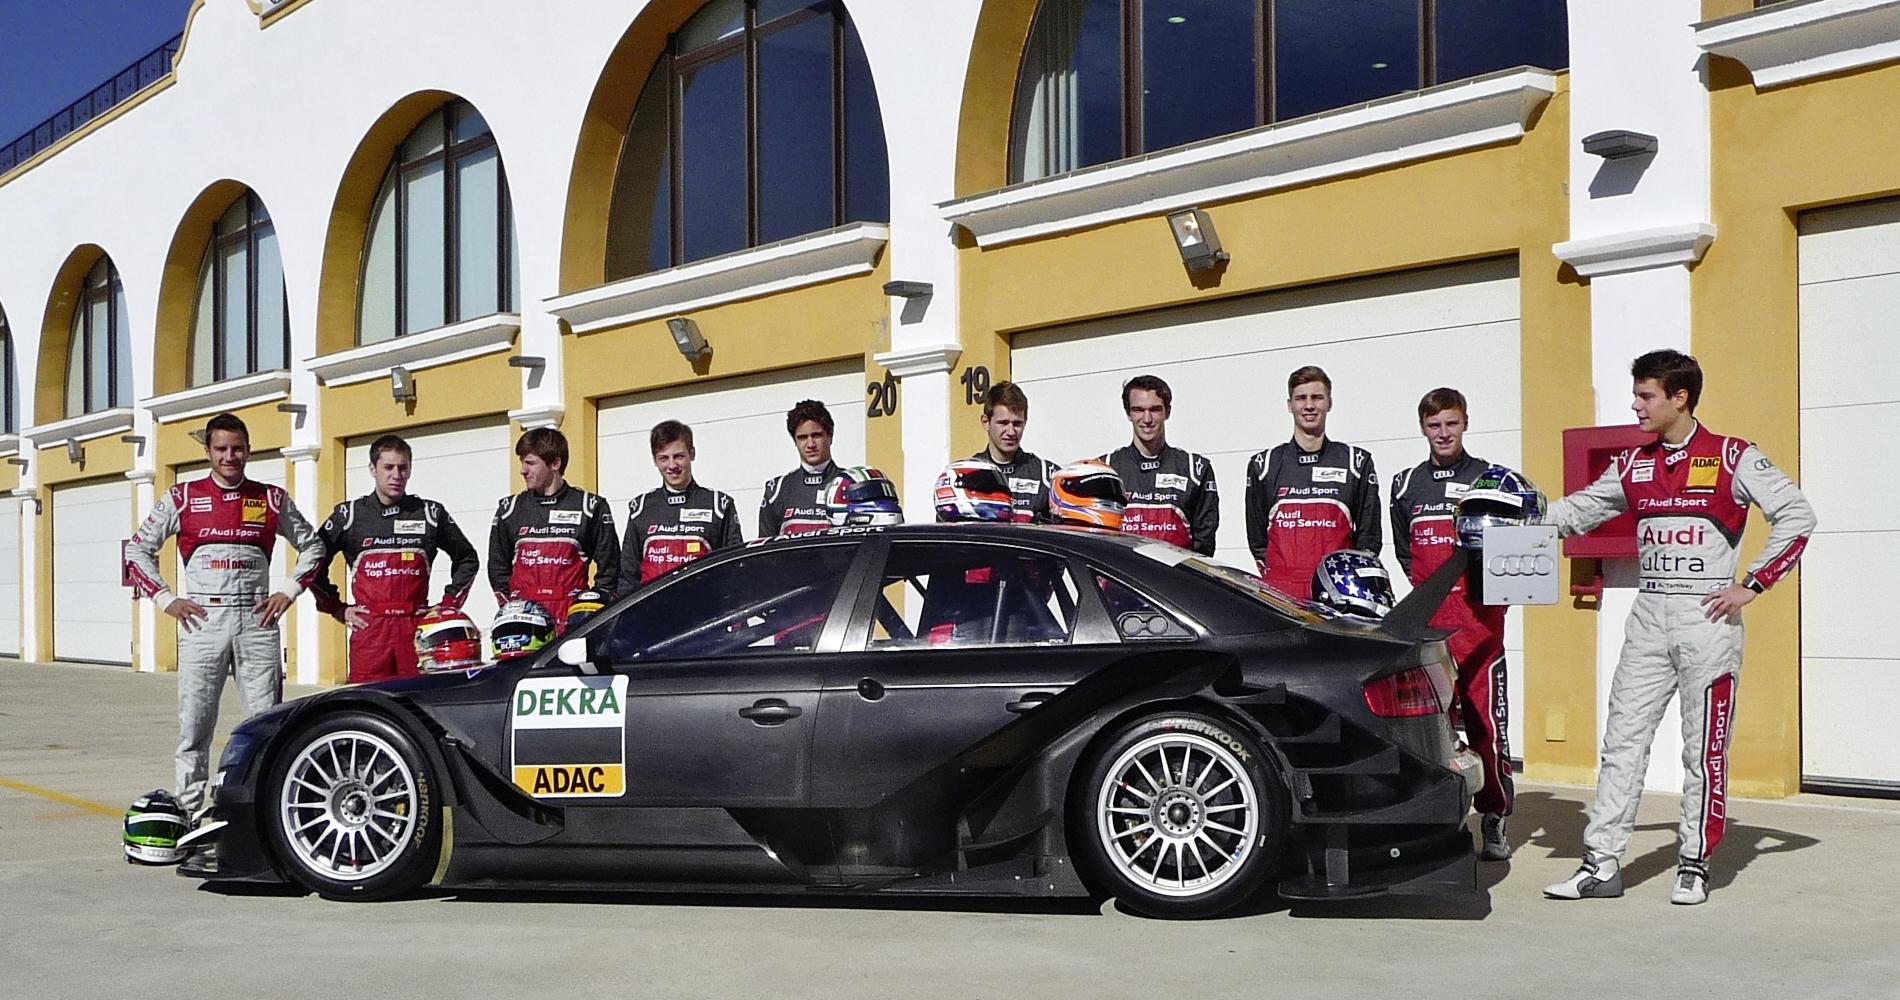 Робин Фряйнс опробовал гоночную Audi A5 в рамках испытаний молодых пилотов